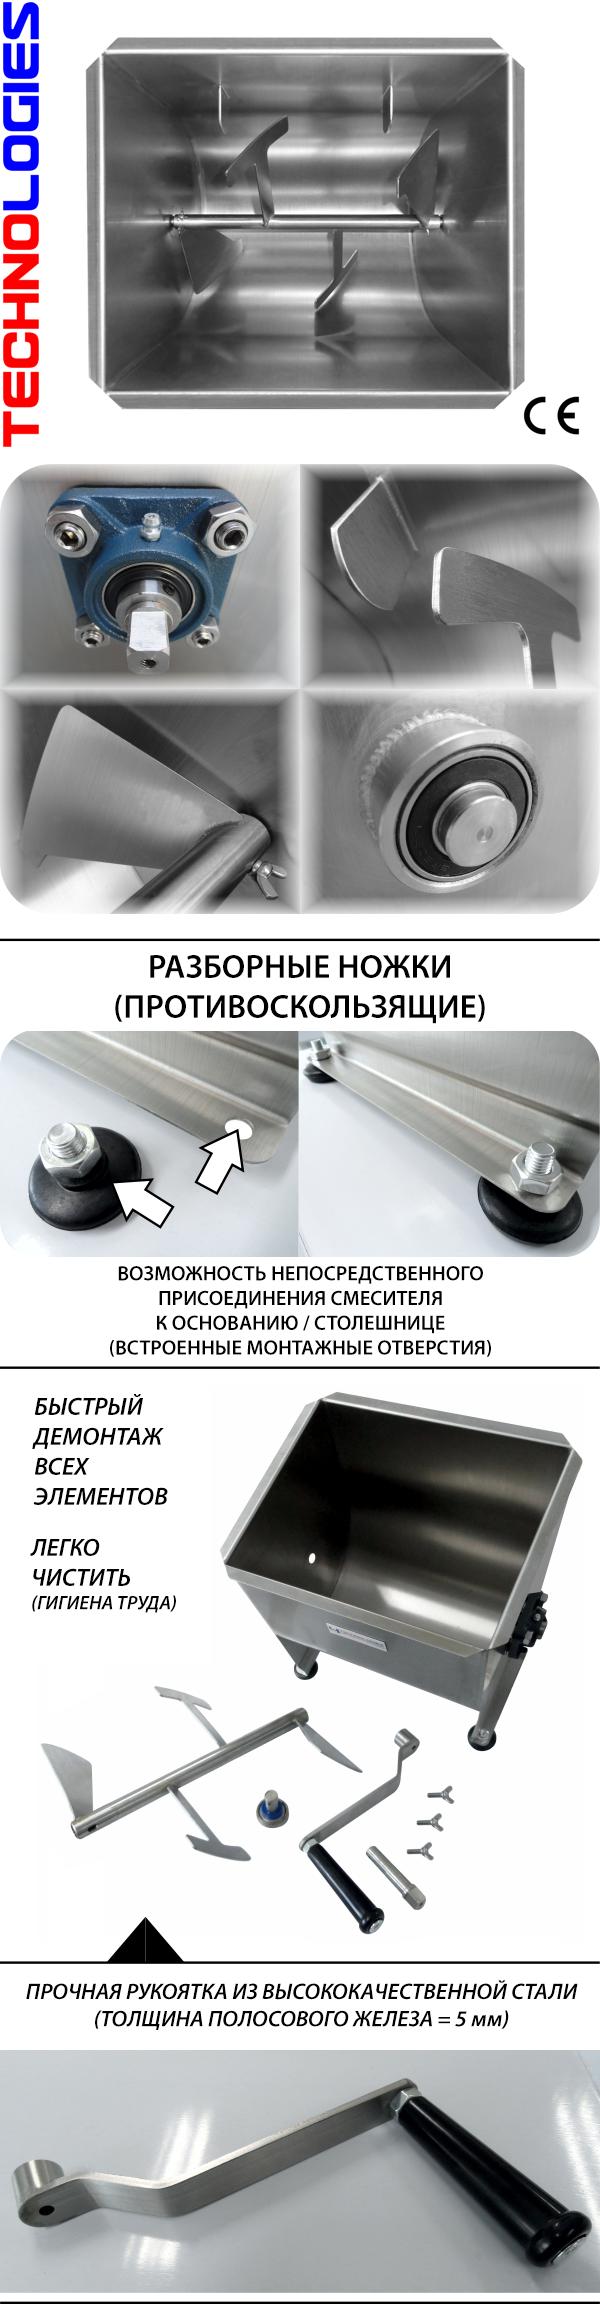 http://technologies4all.pl/zdjecia%20prestashop/ROSJA/26.05/MIESZALKA-40-50L-DZIEZA-600px.png